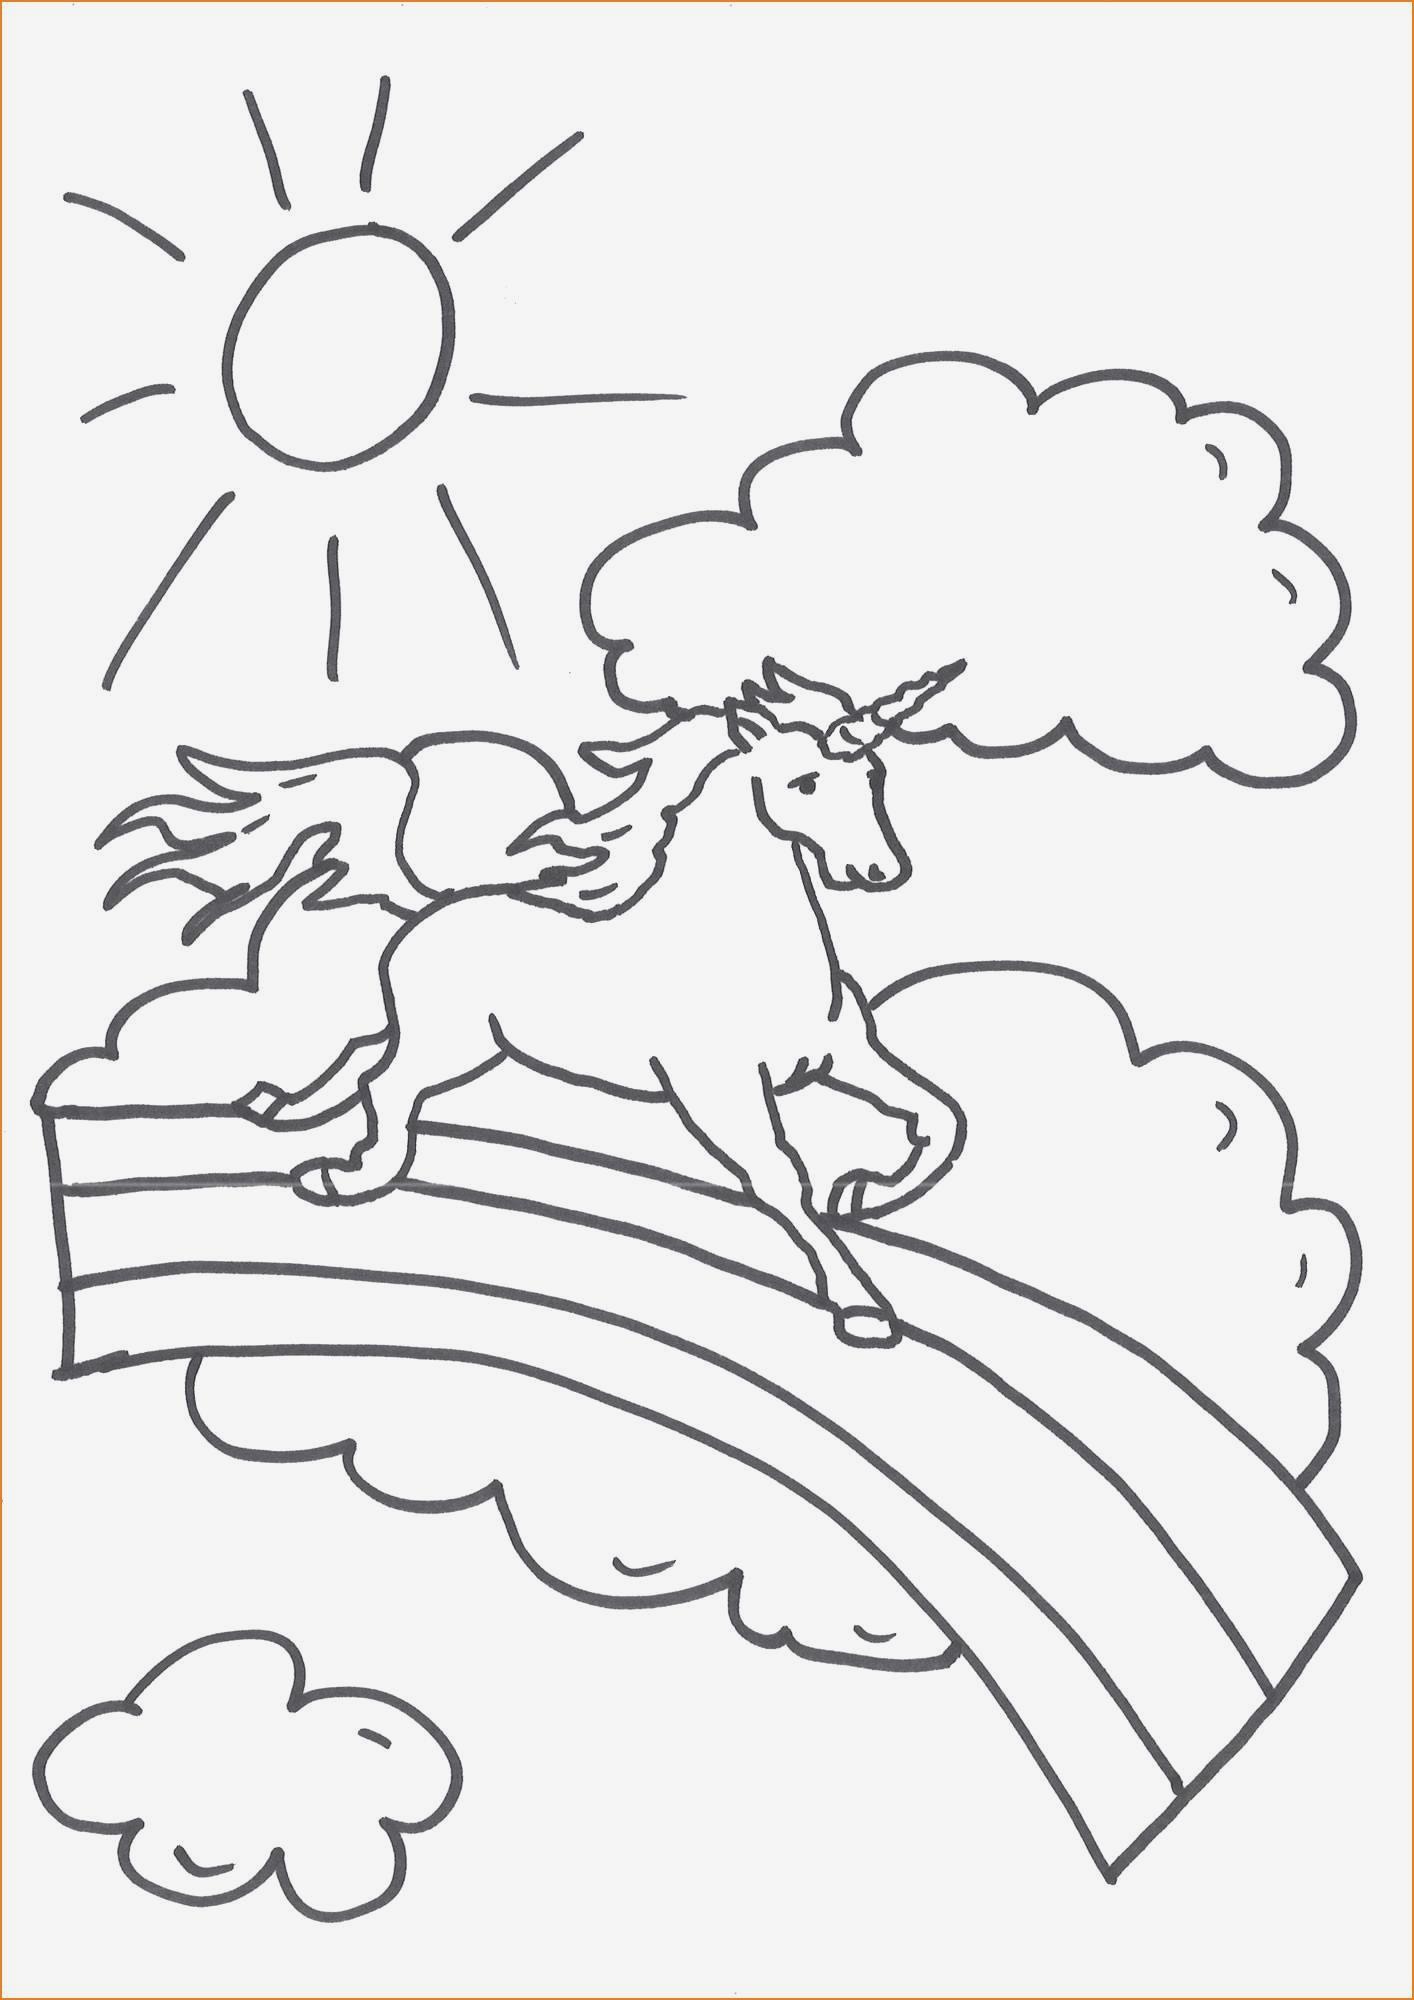 Ausmalbild Einhorn Mit Fee Inspirierend Malvorlage Prinzessin Mit Einhorn Bilder Zum Ausmalen Bekommen Fotos